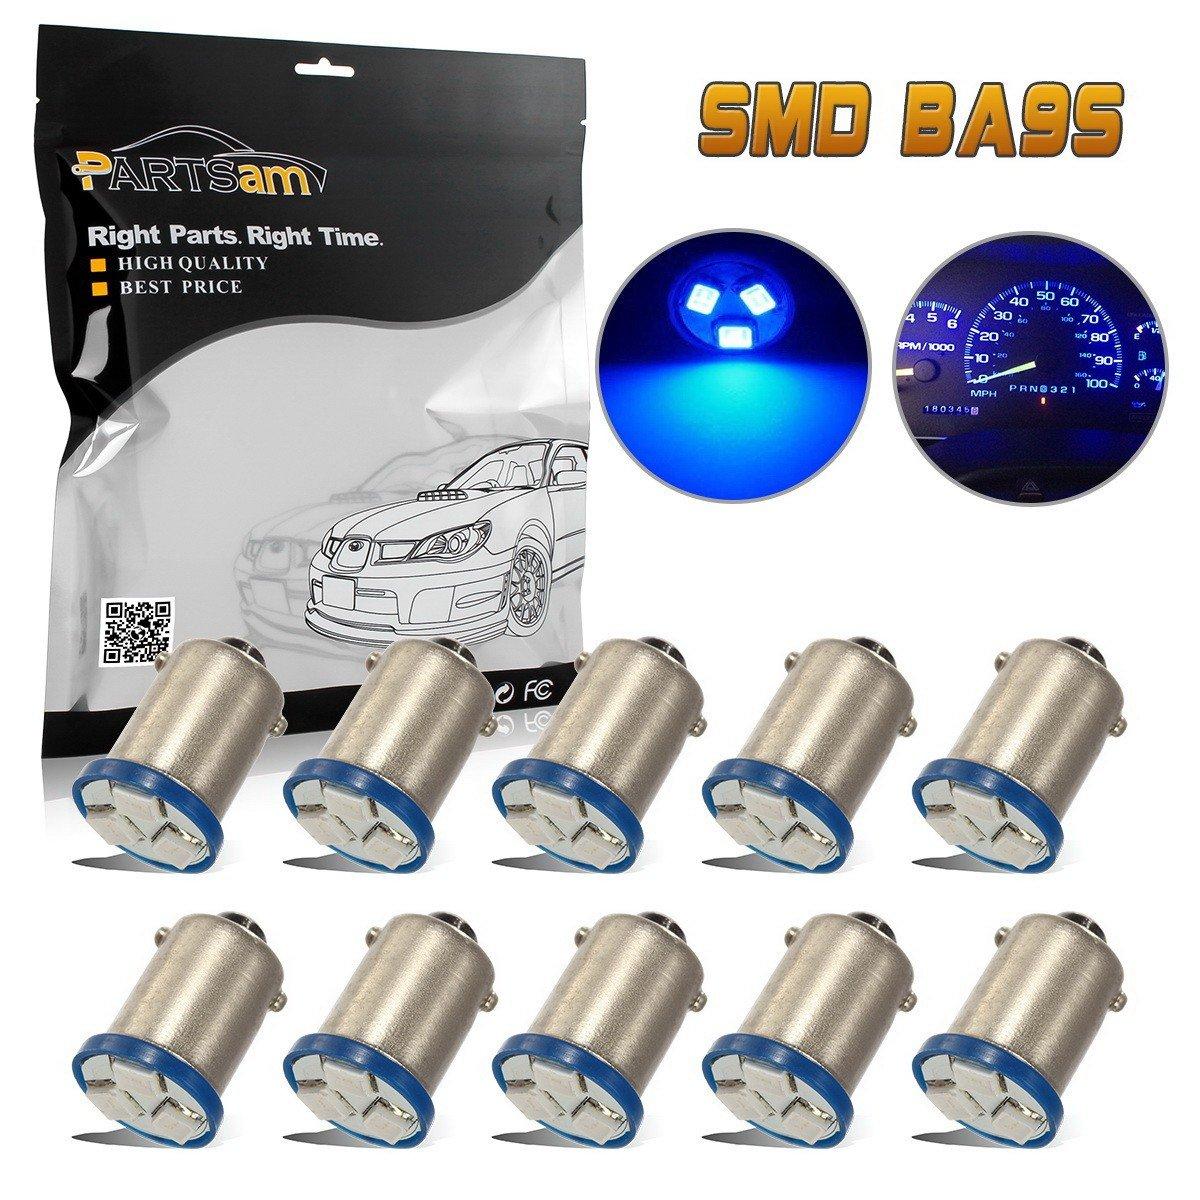 Partsam 10pcs BA9s LED Bulb Blue 3-SMD Car Light Kit for Instrument Panel Gauge Cluster 1815 1895 57 53 Lamps for 1973 Chevrolet